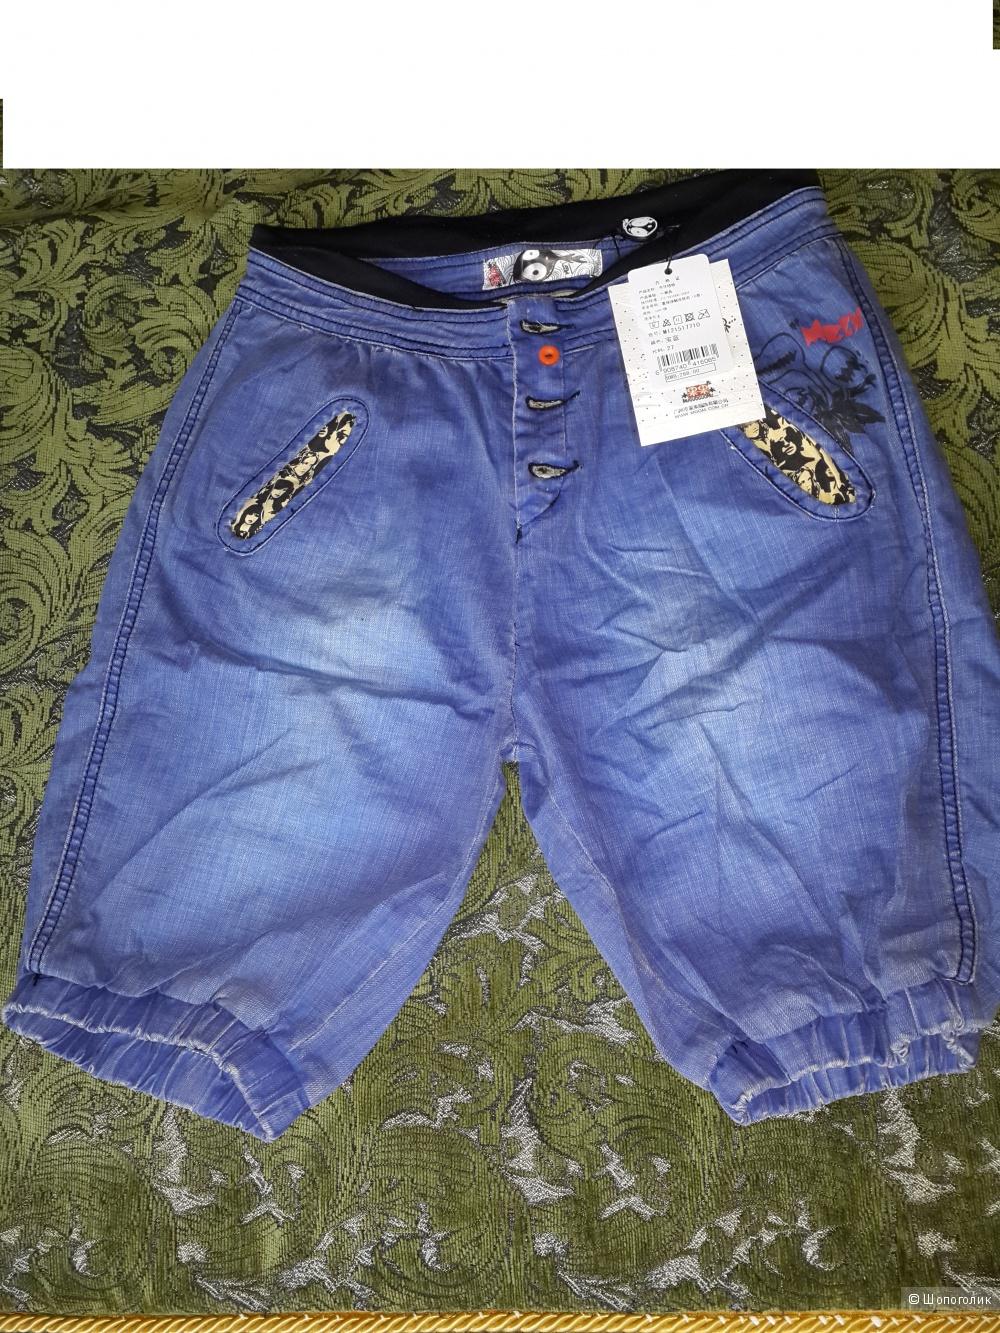 Продаю новые джинсовые шорты 48 размера